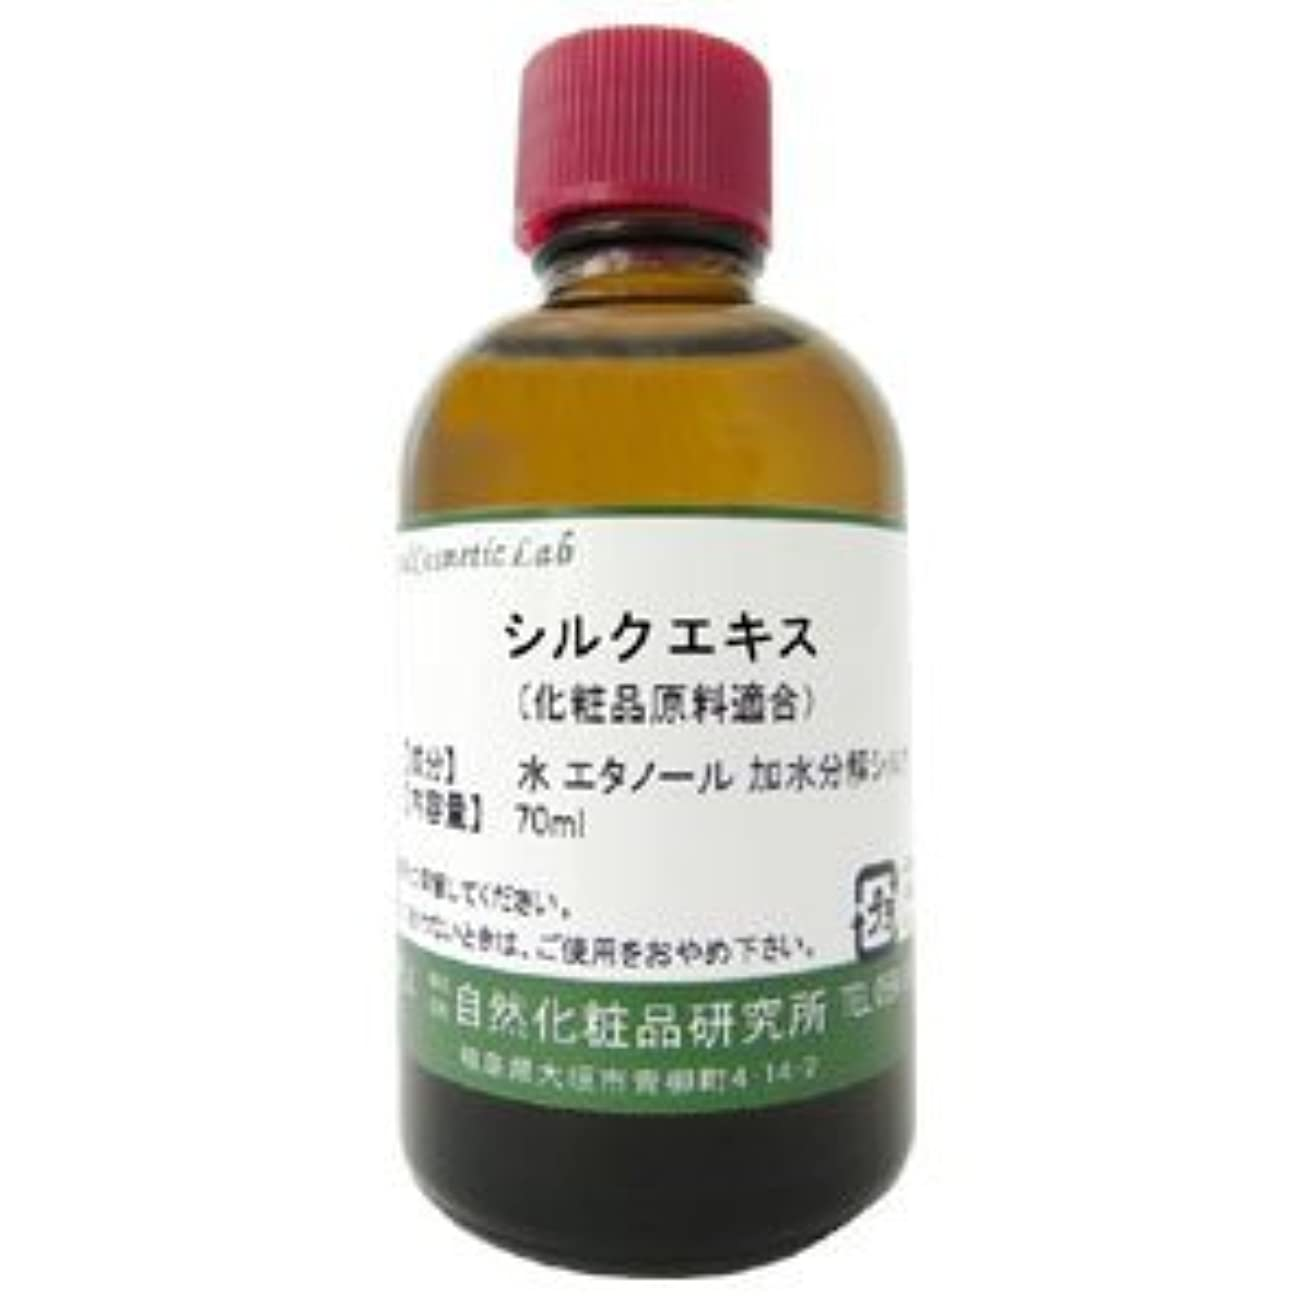 シルクエキス 70ml 【手作り化粧品原料】